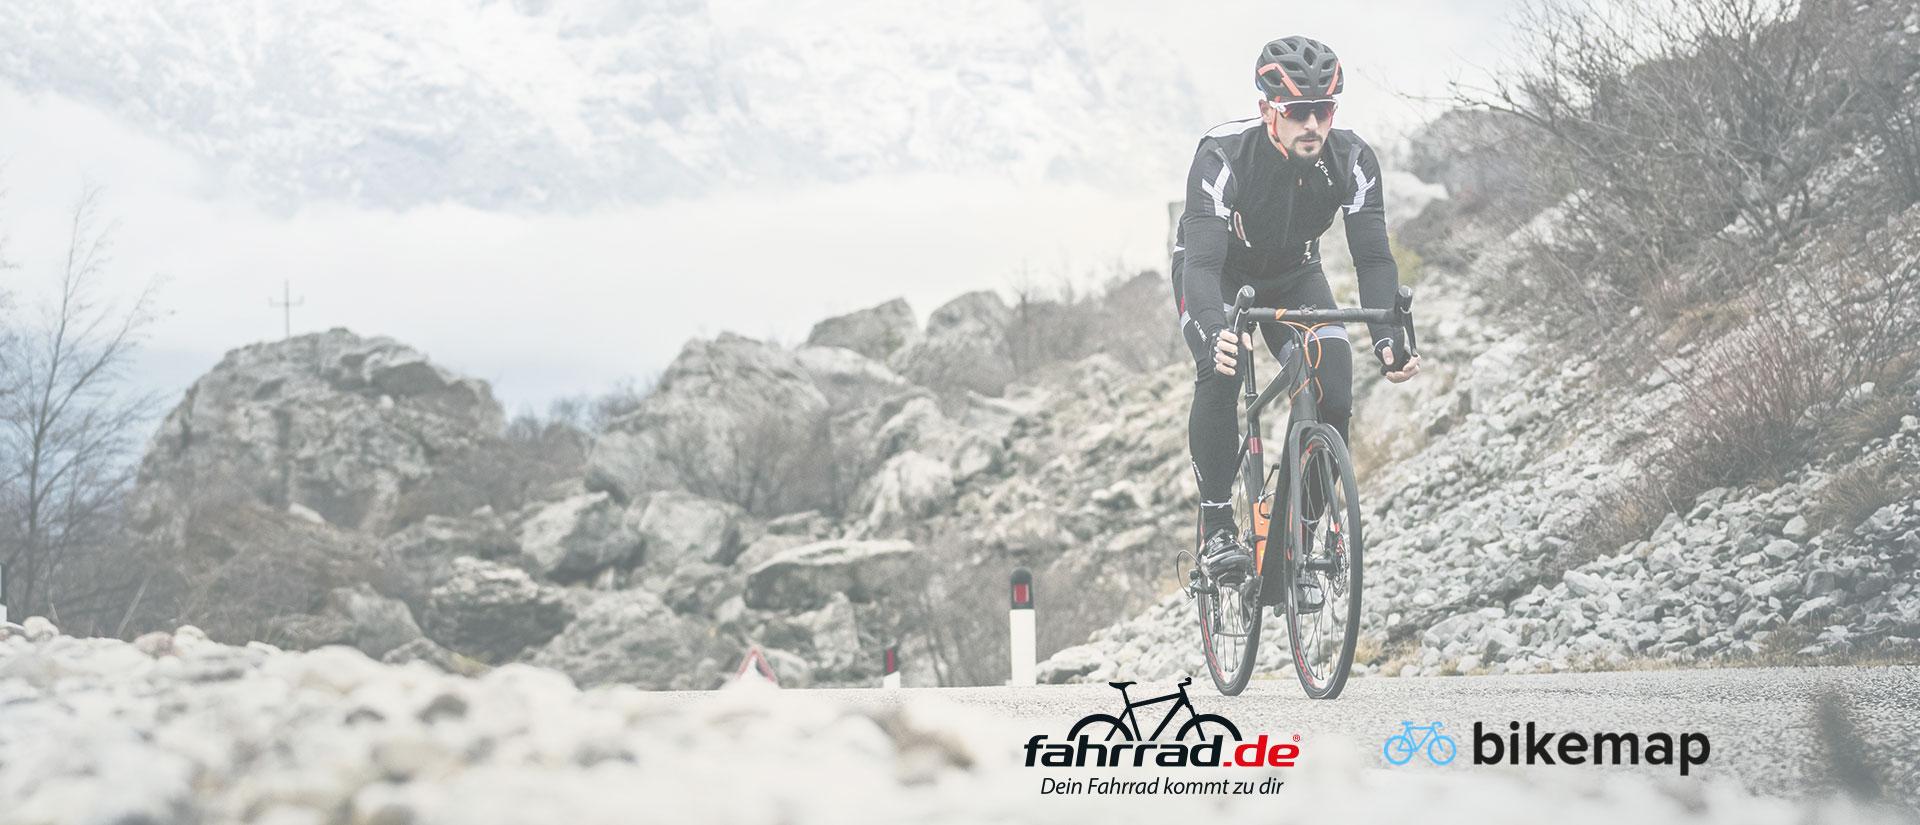 Top Fahrrad-Blogs Kategorie Rennrad